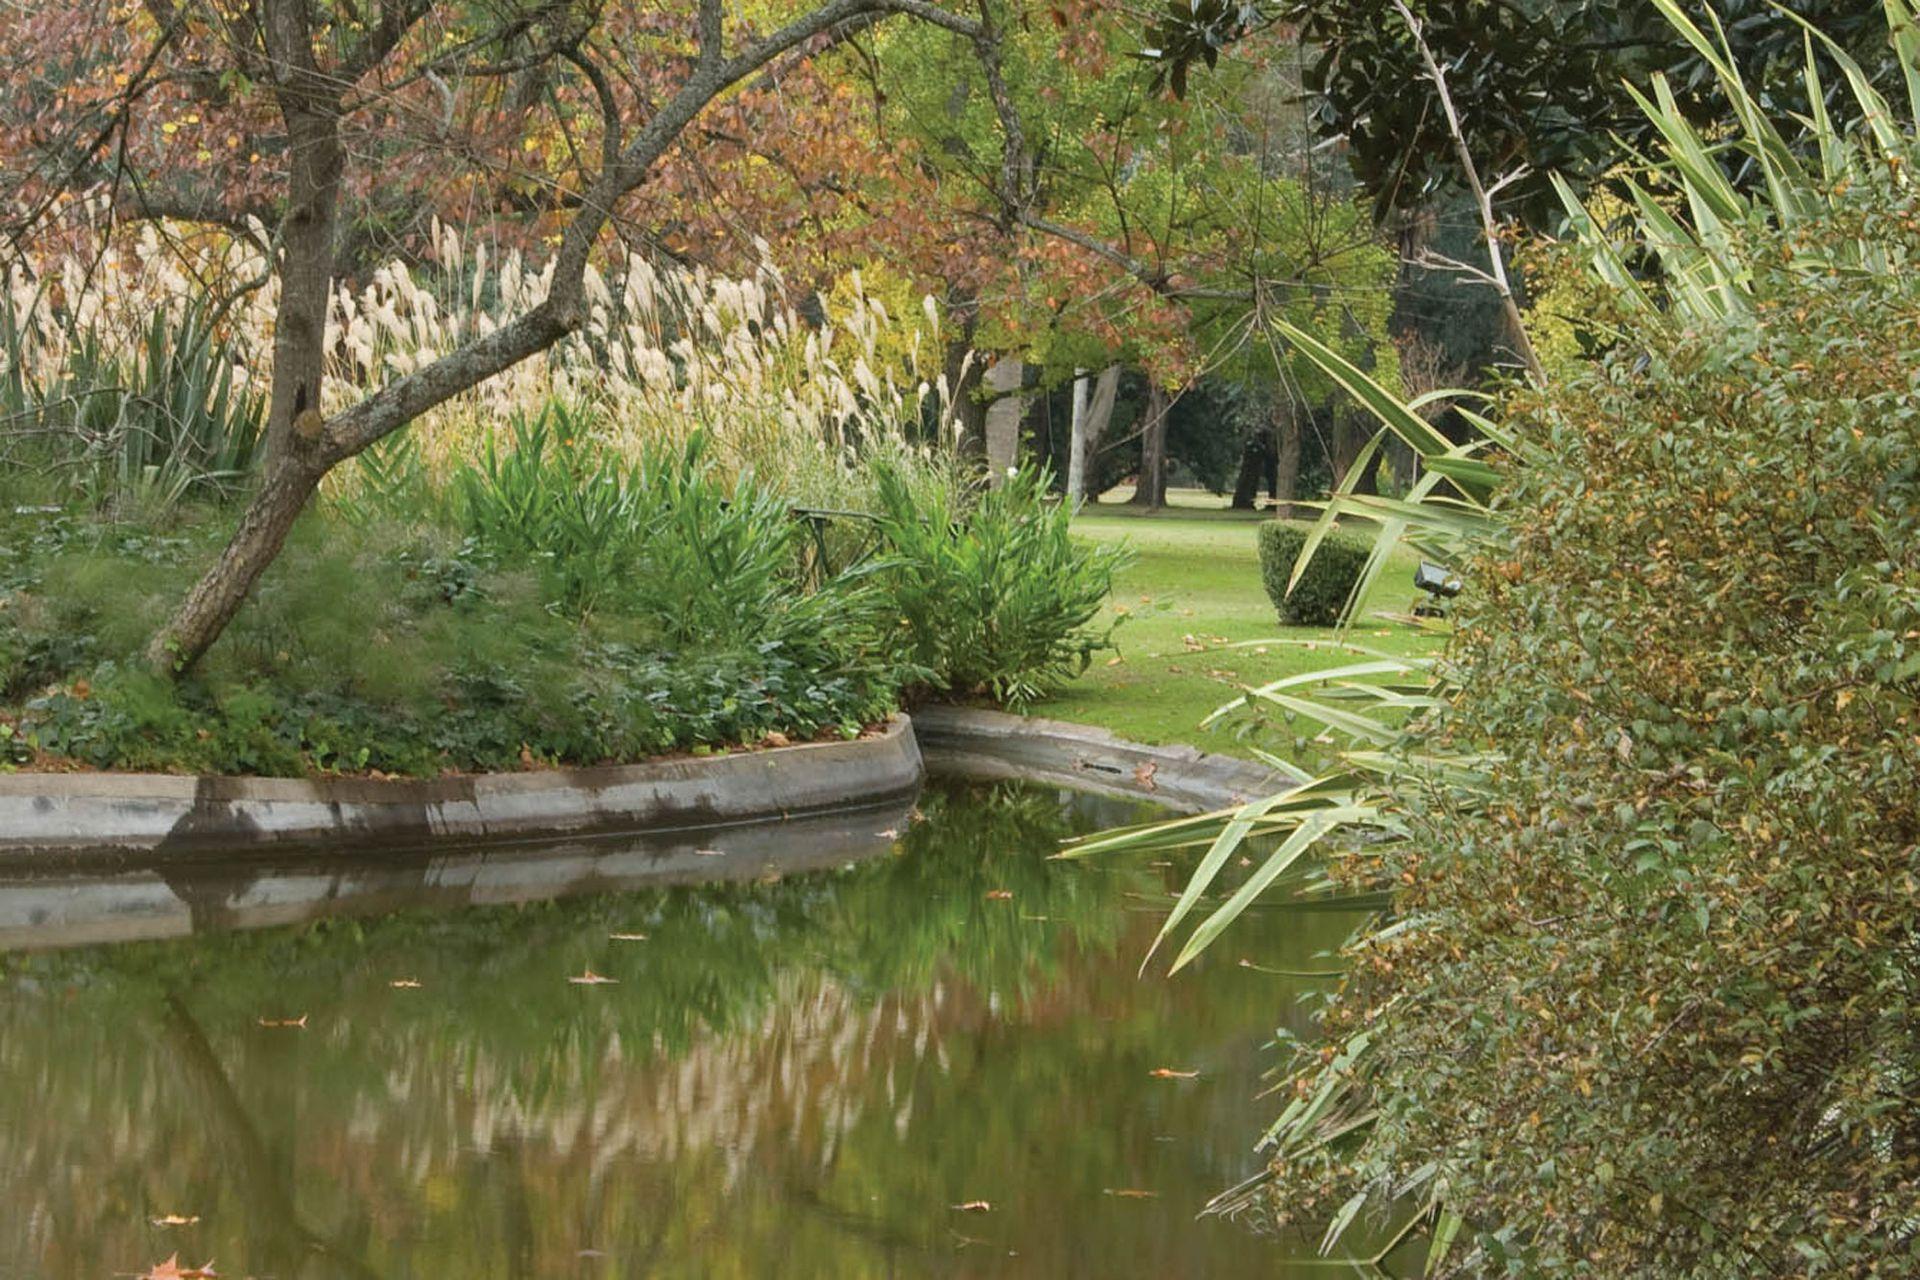 El lago le suma al lugar un caracter mágico.